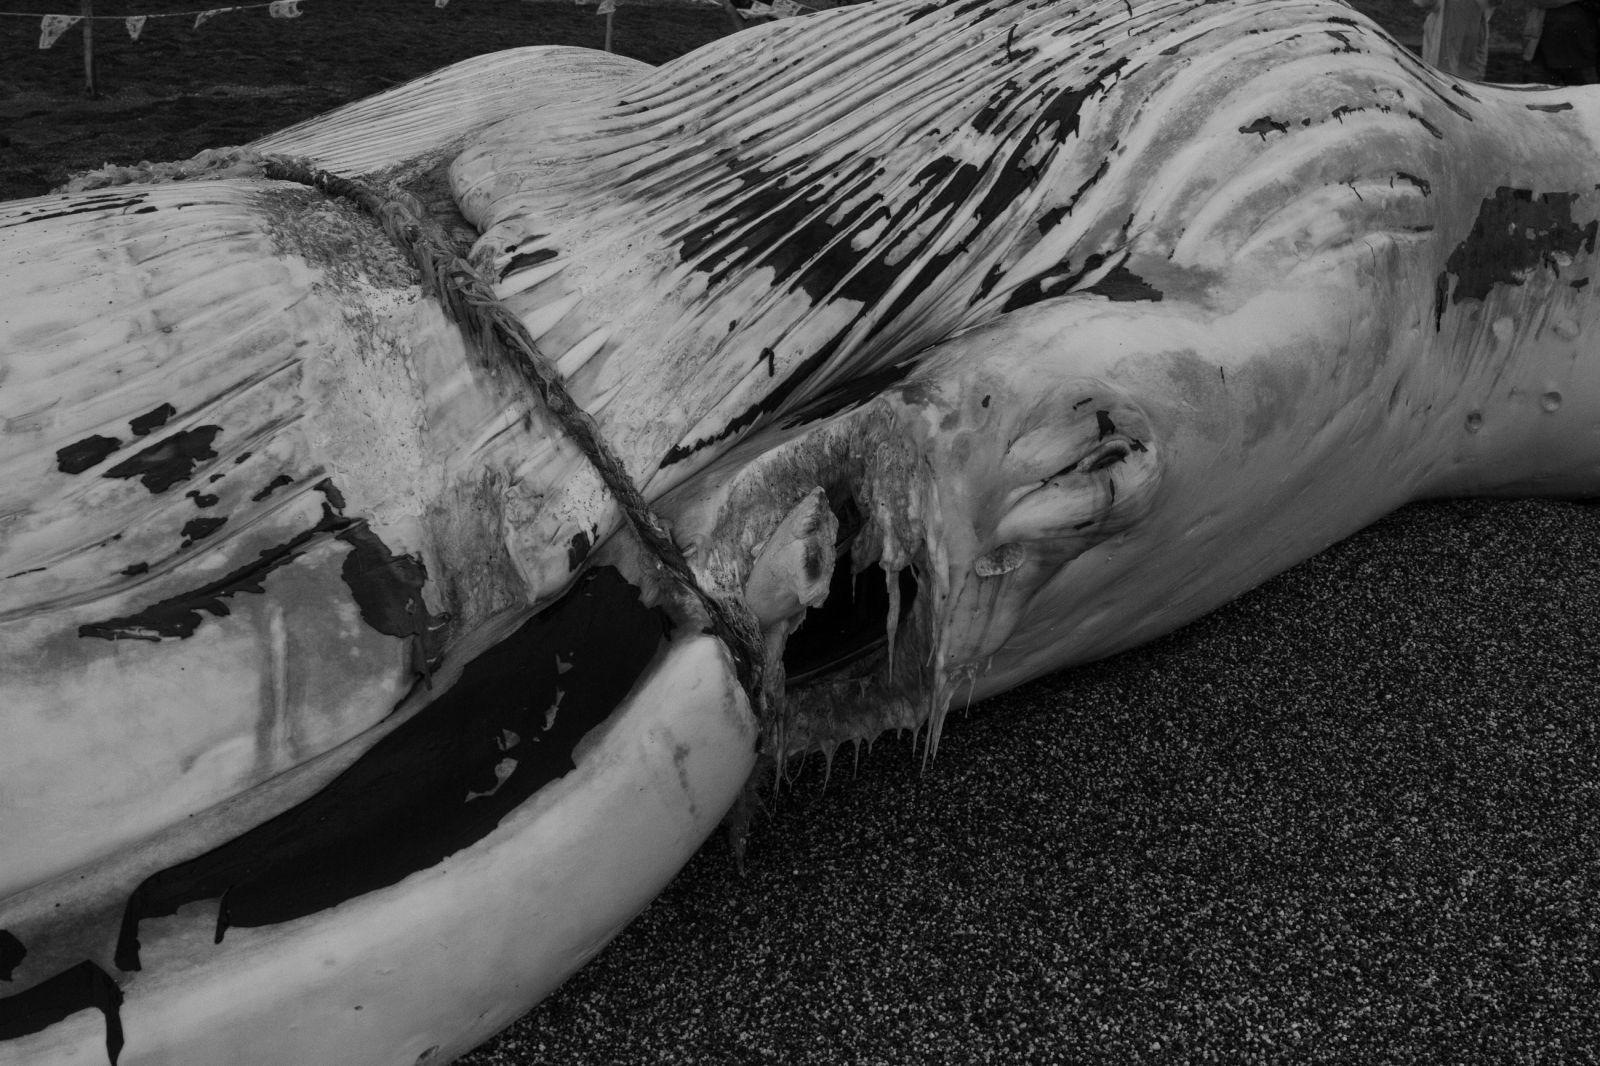 綠色繩索纏繞的部位,繩索將巨鯨的皮肉切開。